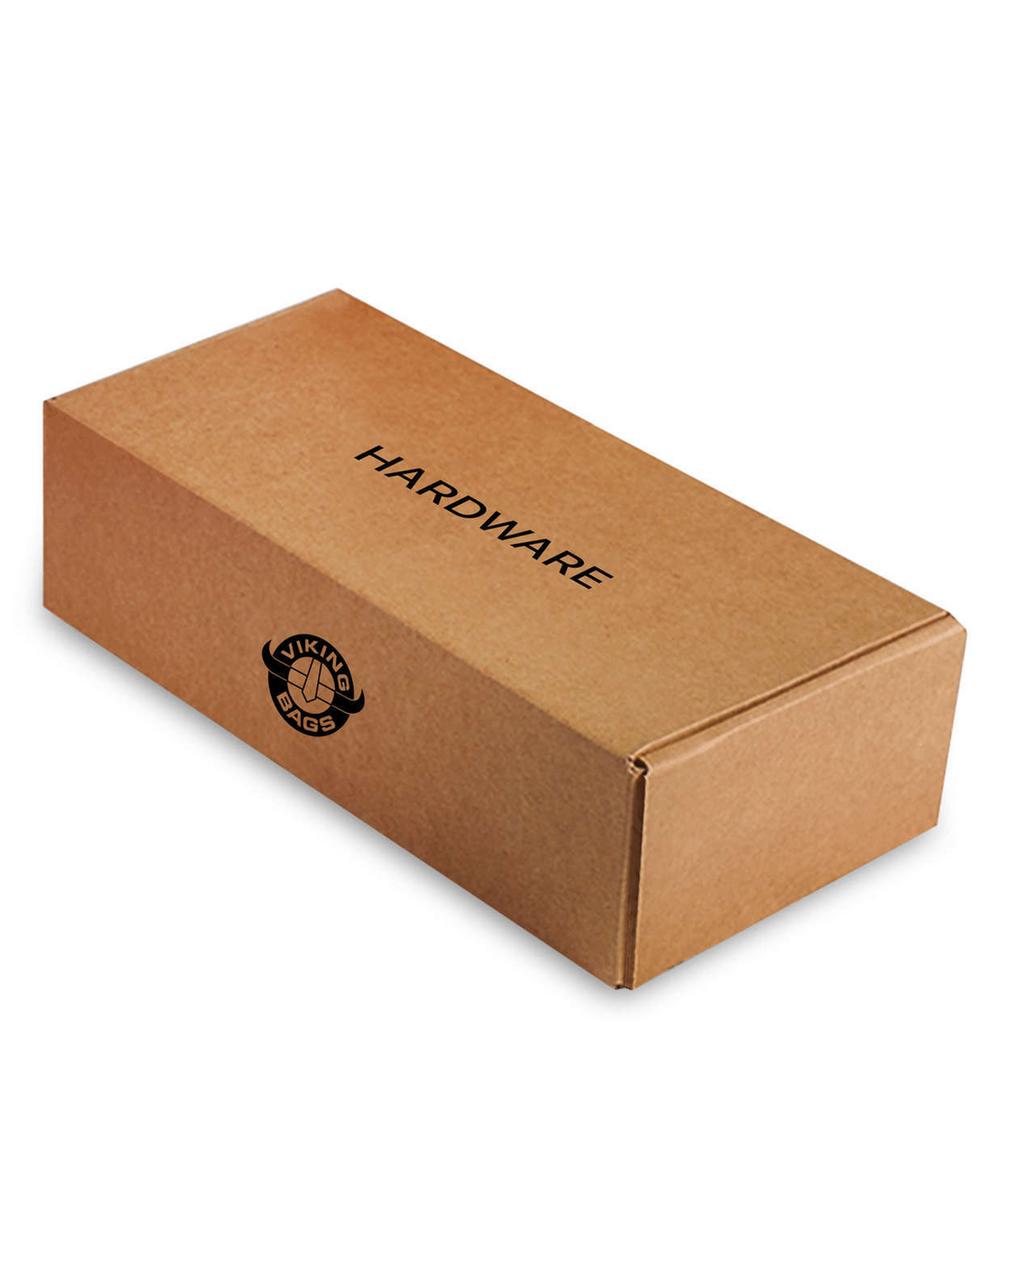 Kawasaki Vulcan S ABS Cafe Thor Series Small Motorcycle Saddlebags Hardware Box